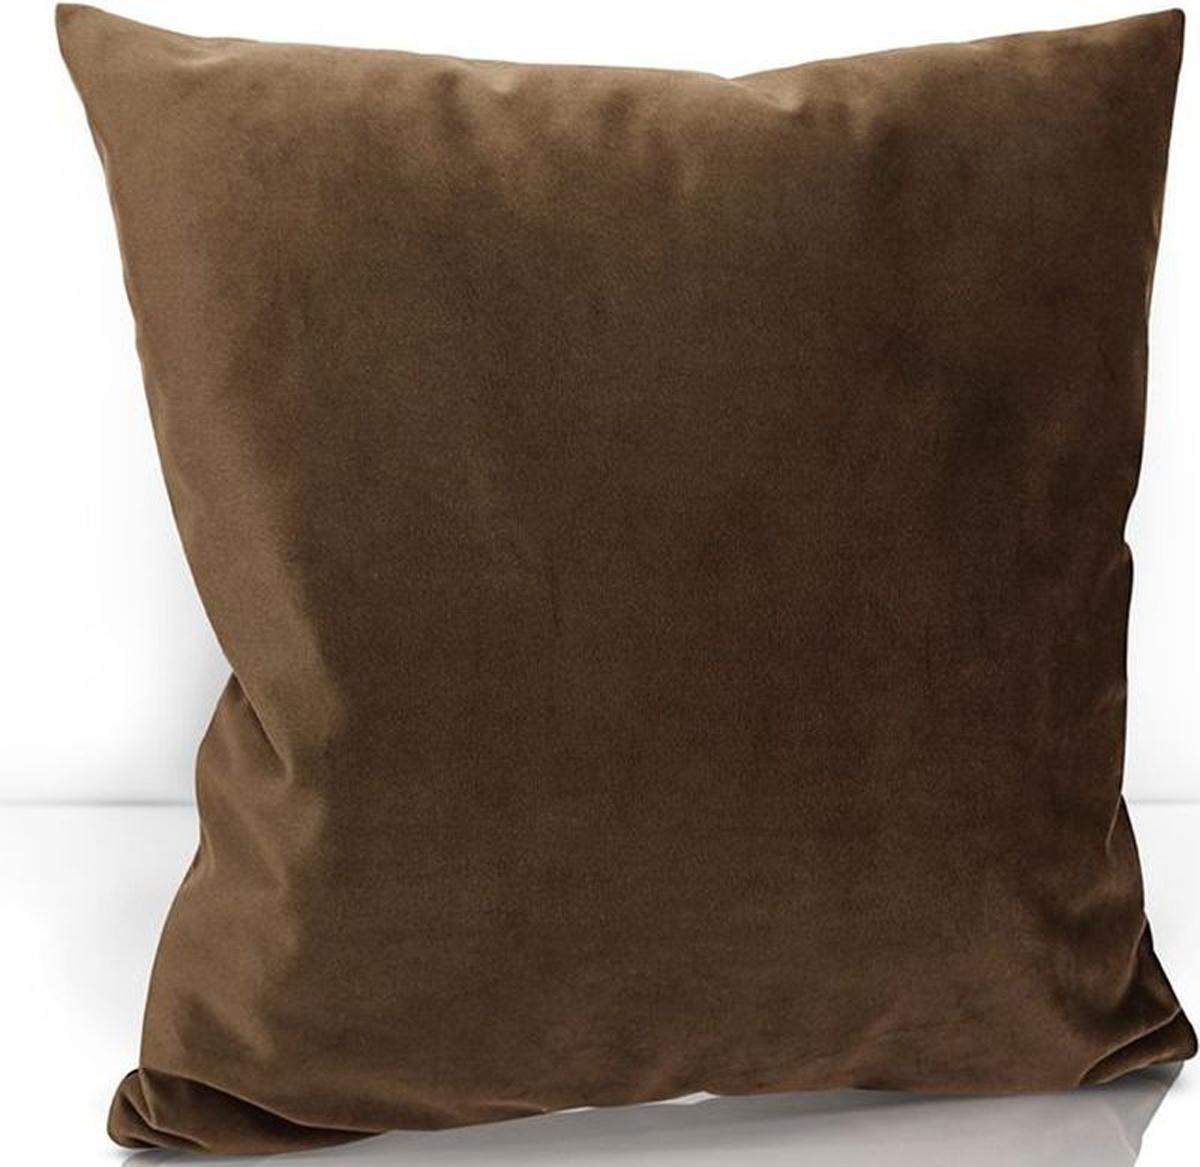 Подушка декоративная KauffOrt Велюр, цвет: темно-коричневый, 40 х 40 см3122202637Декоративная подушка KauffOrt  прекрасно дополнит интерьер спальни или гостиной. Чехолподушки выполнен из велюра (100% полиэстер). Внутри находится мягкий наполнитель.Чехол легко снимаетсяблагодаря потайной молнии.